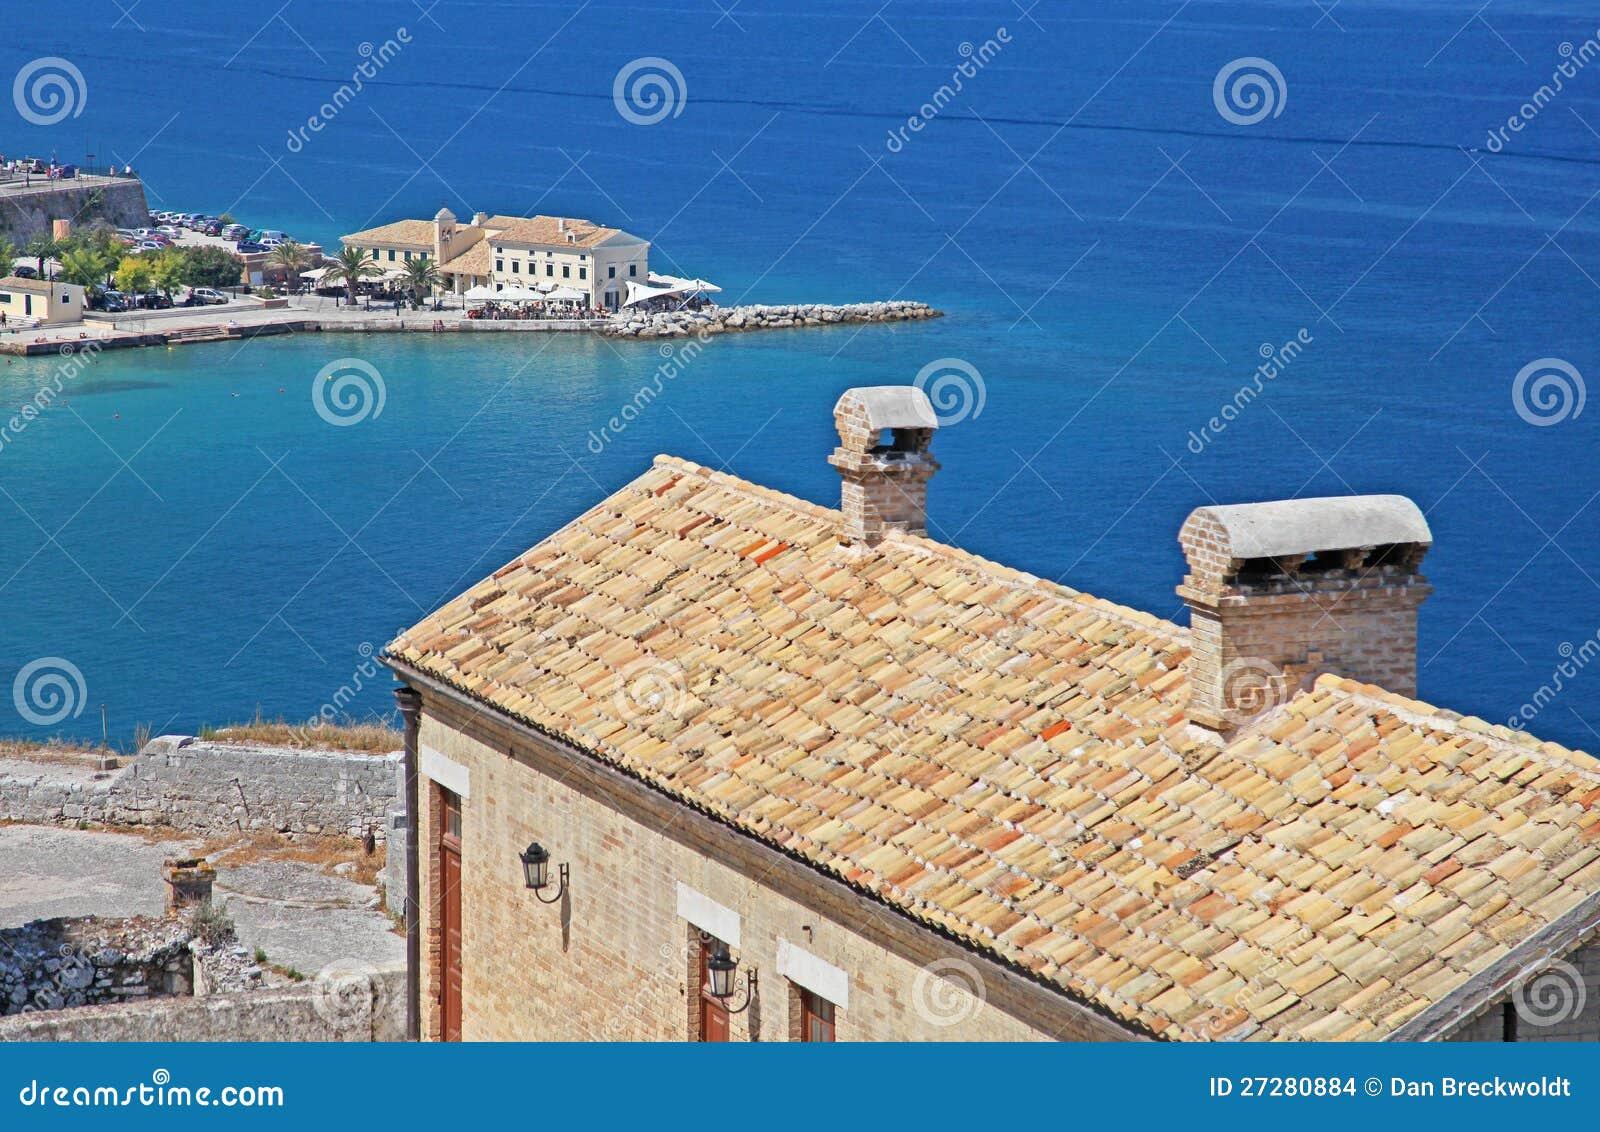 Corfu i Grekland